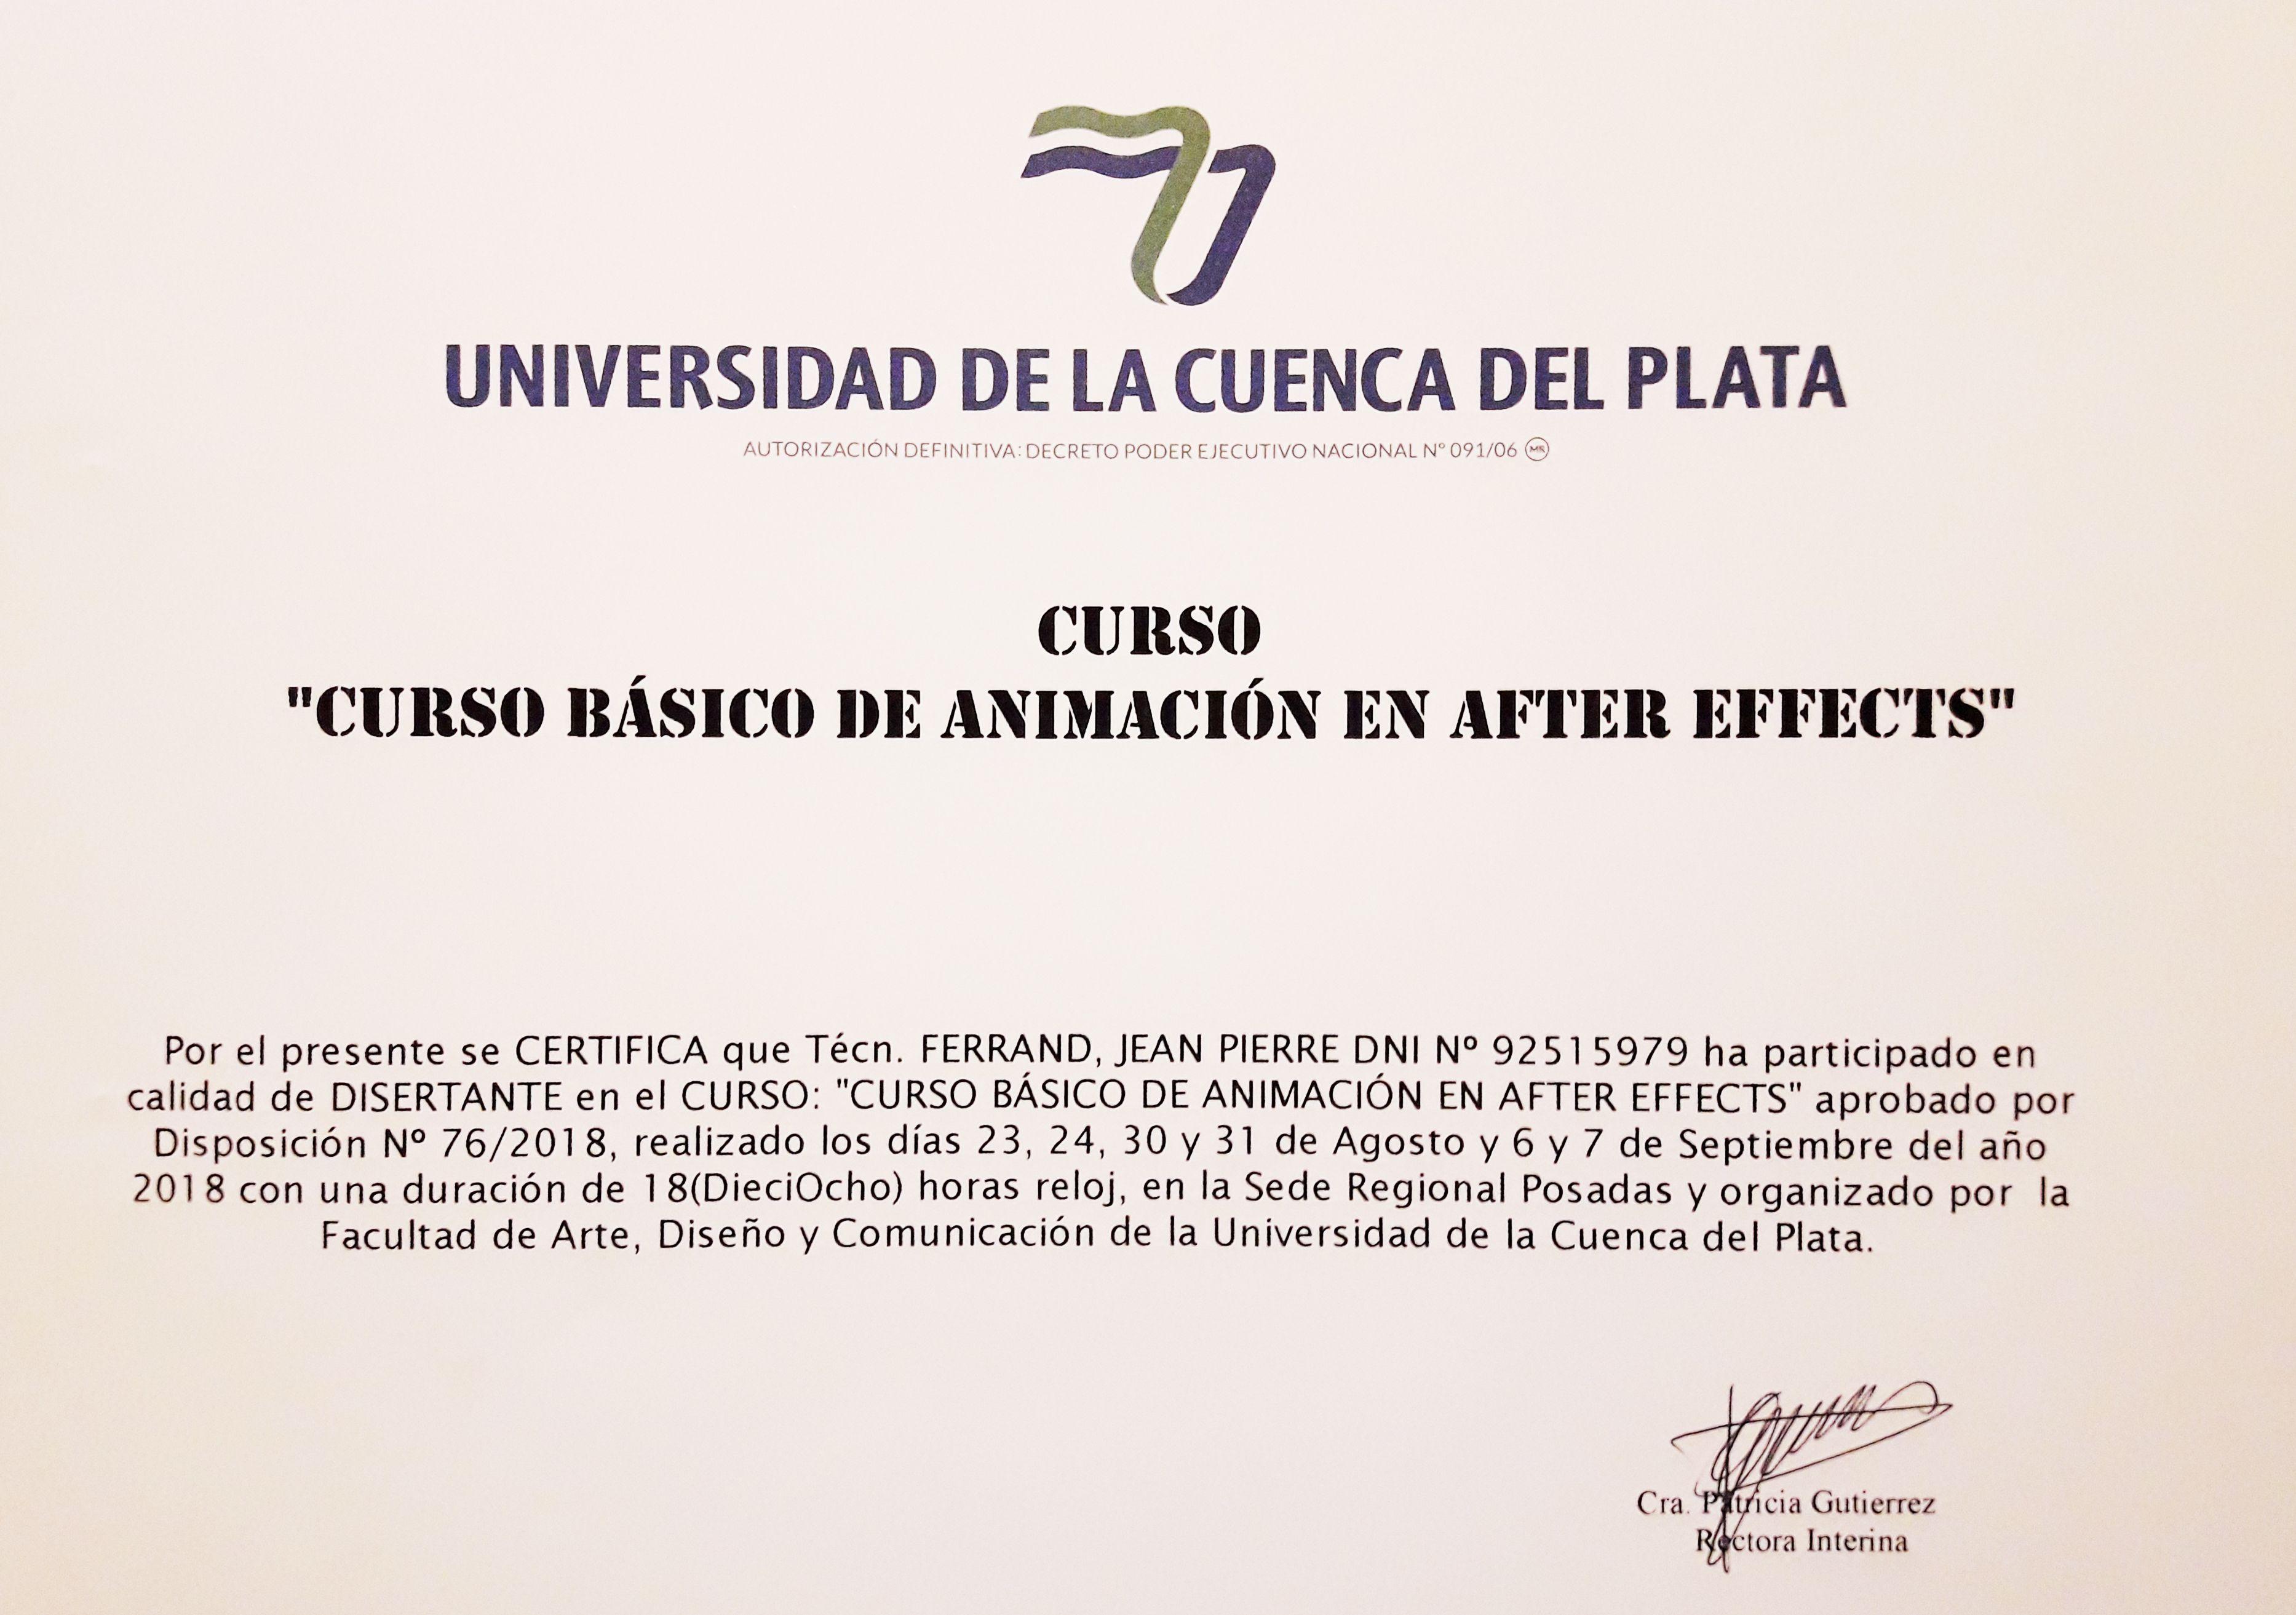 After Effects producido y dictado para Cuenca del Plata 2018